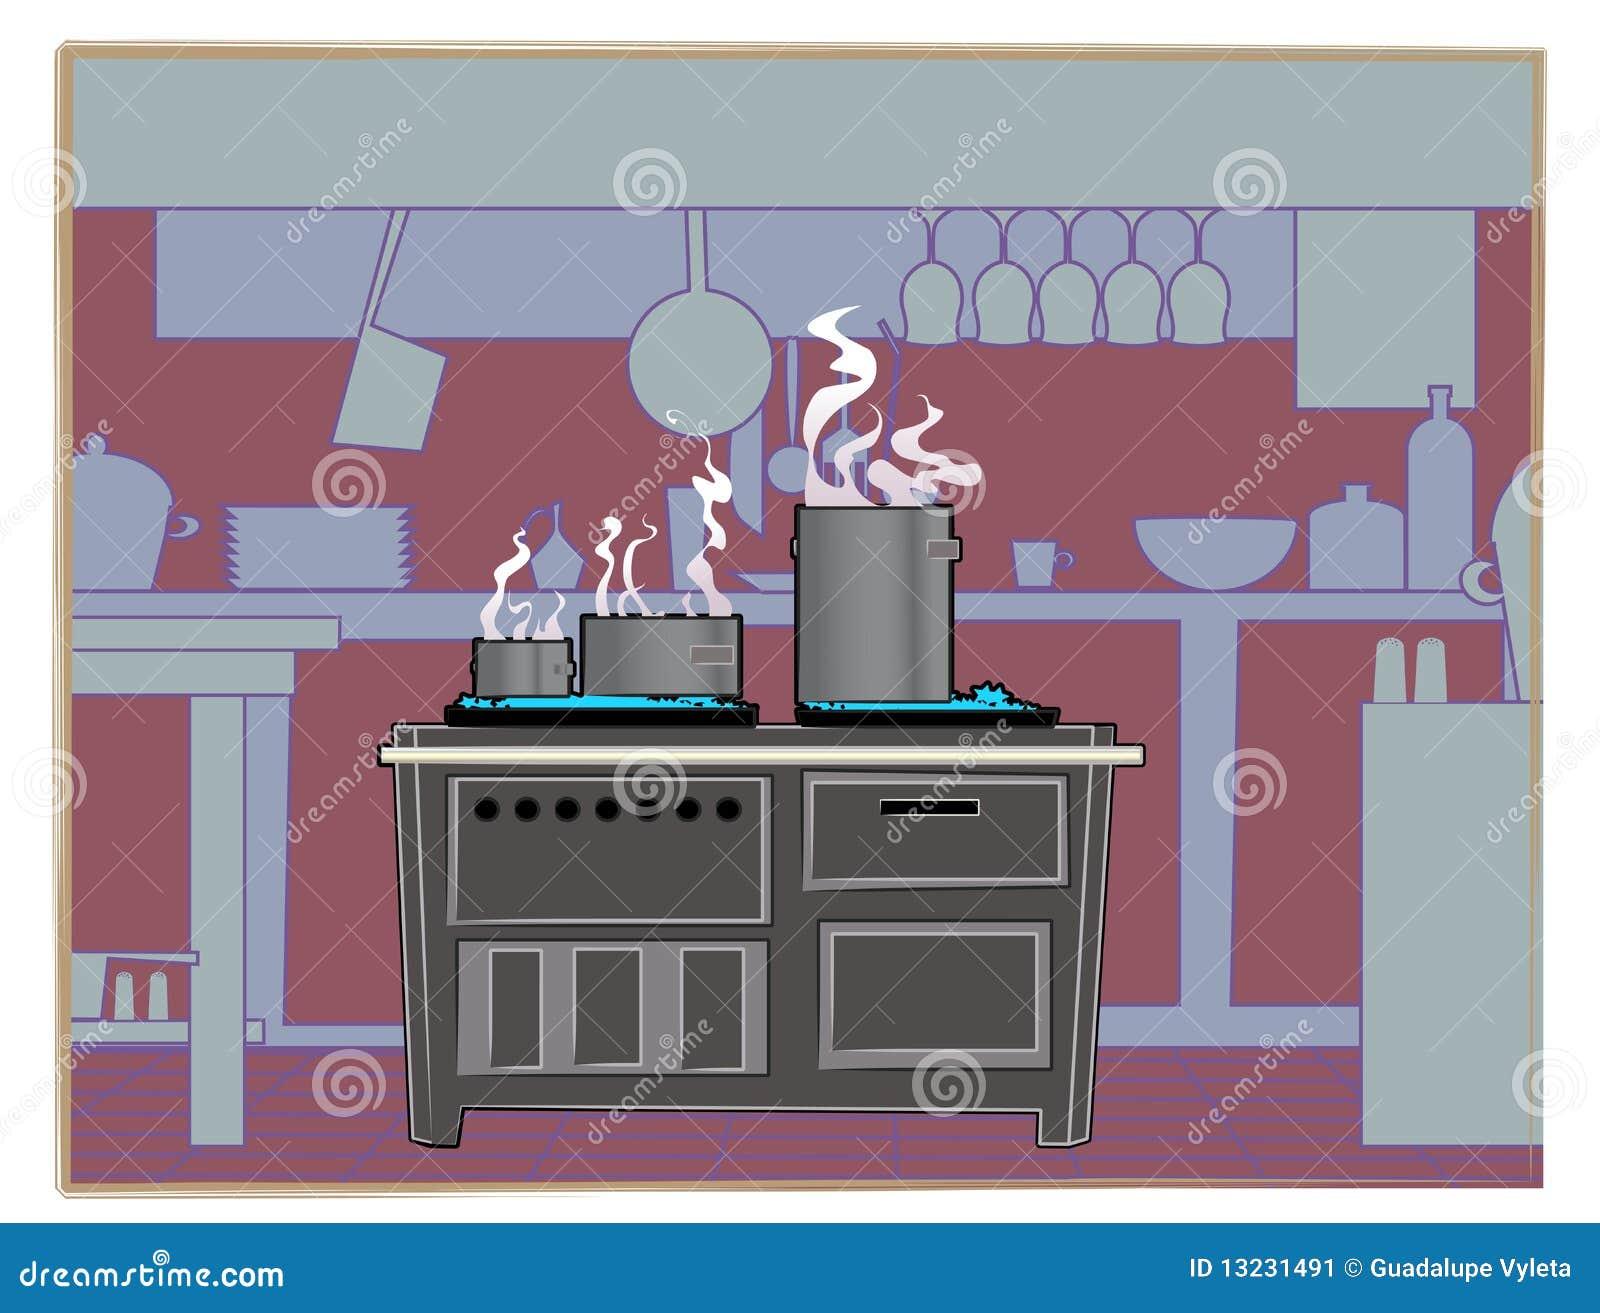 Restaurant Kitchen Background kitchen restaurant background stock image - image: 13231491